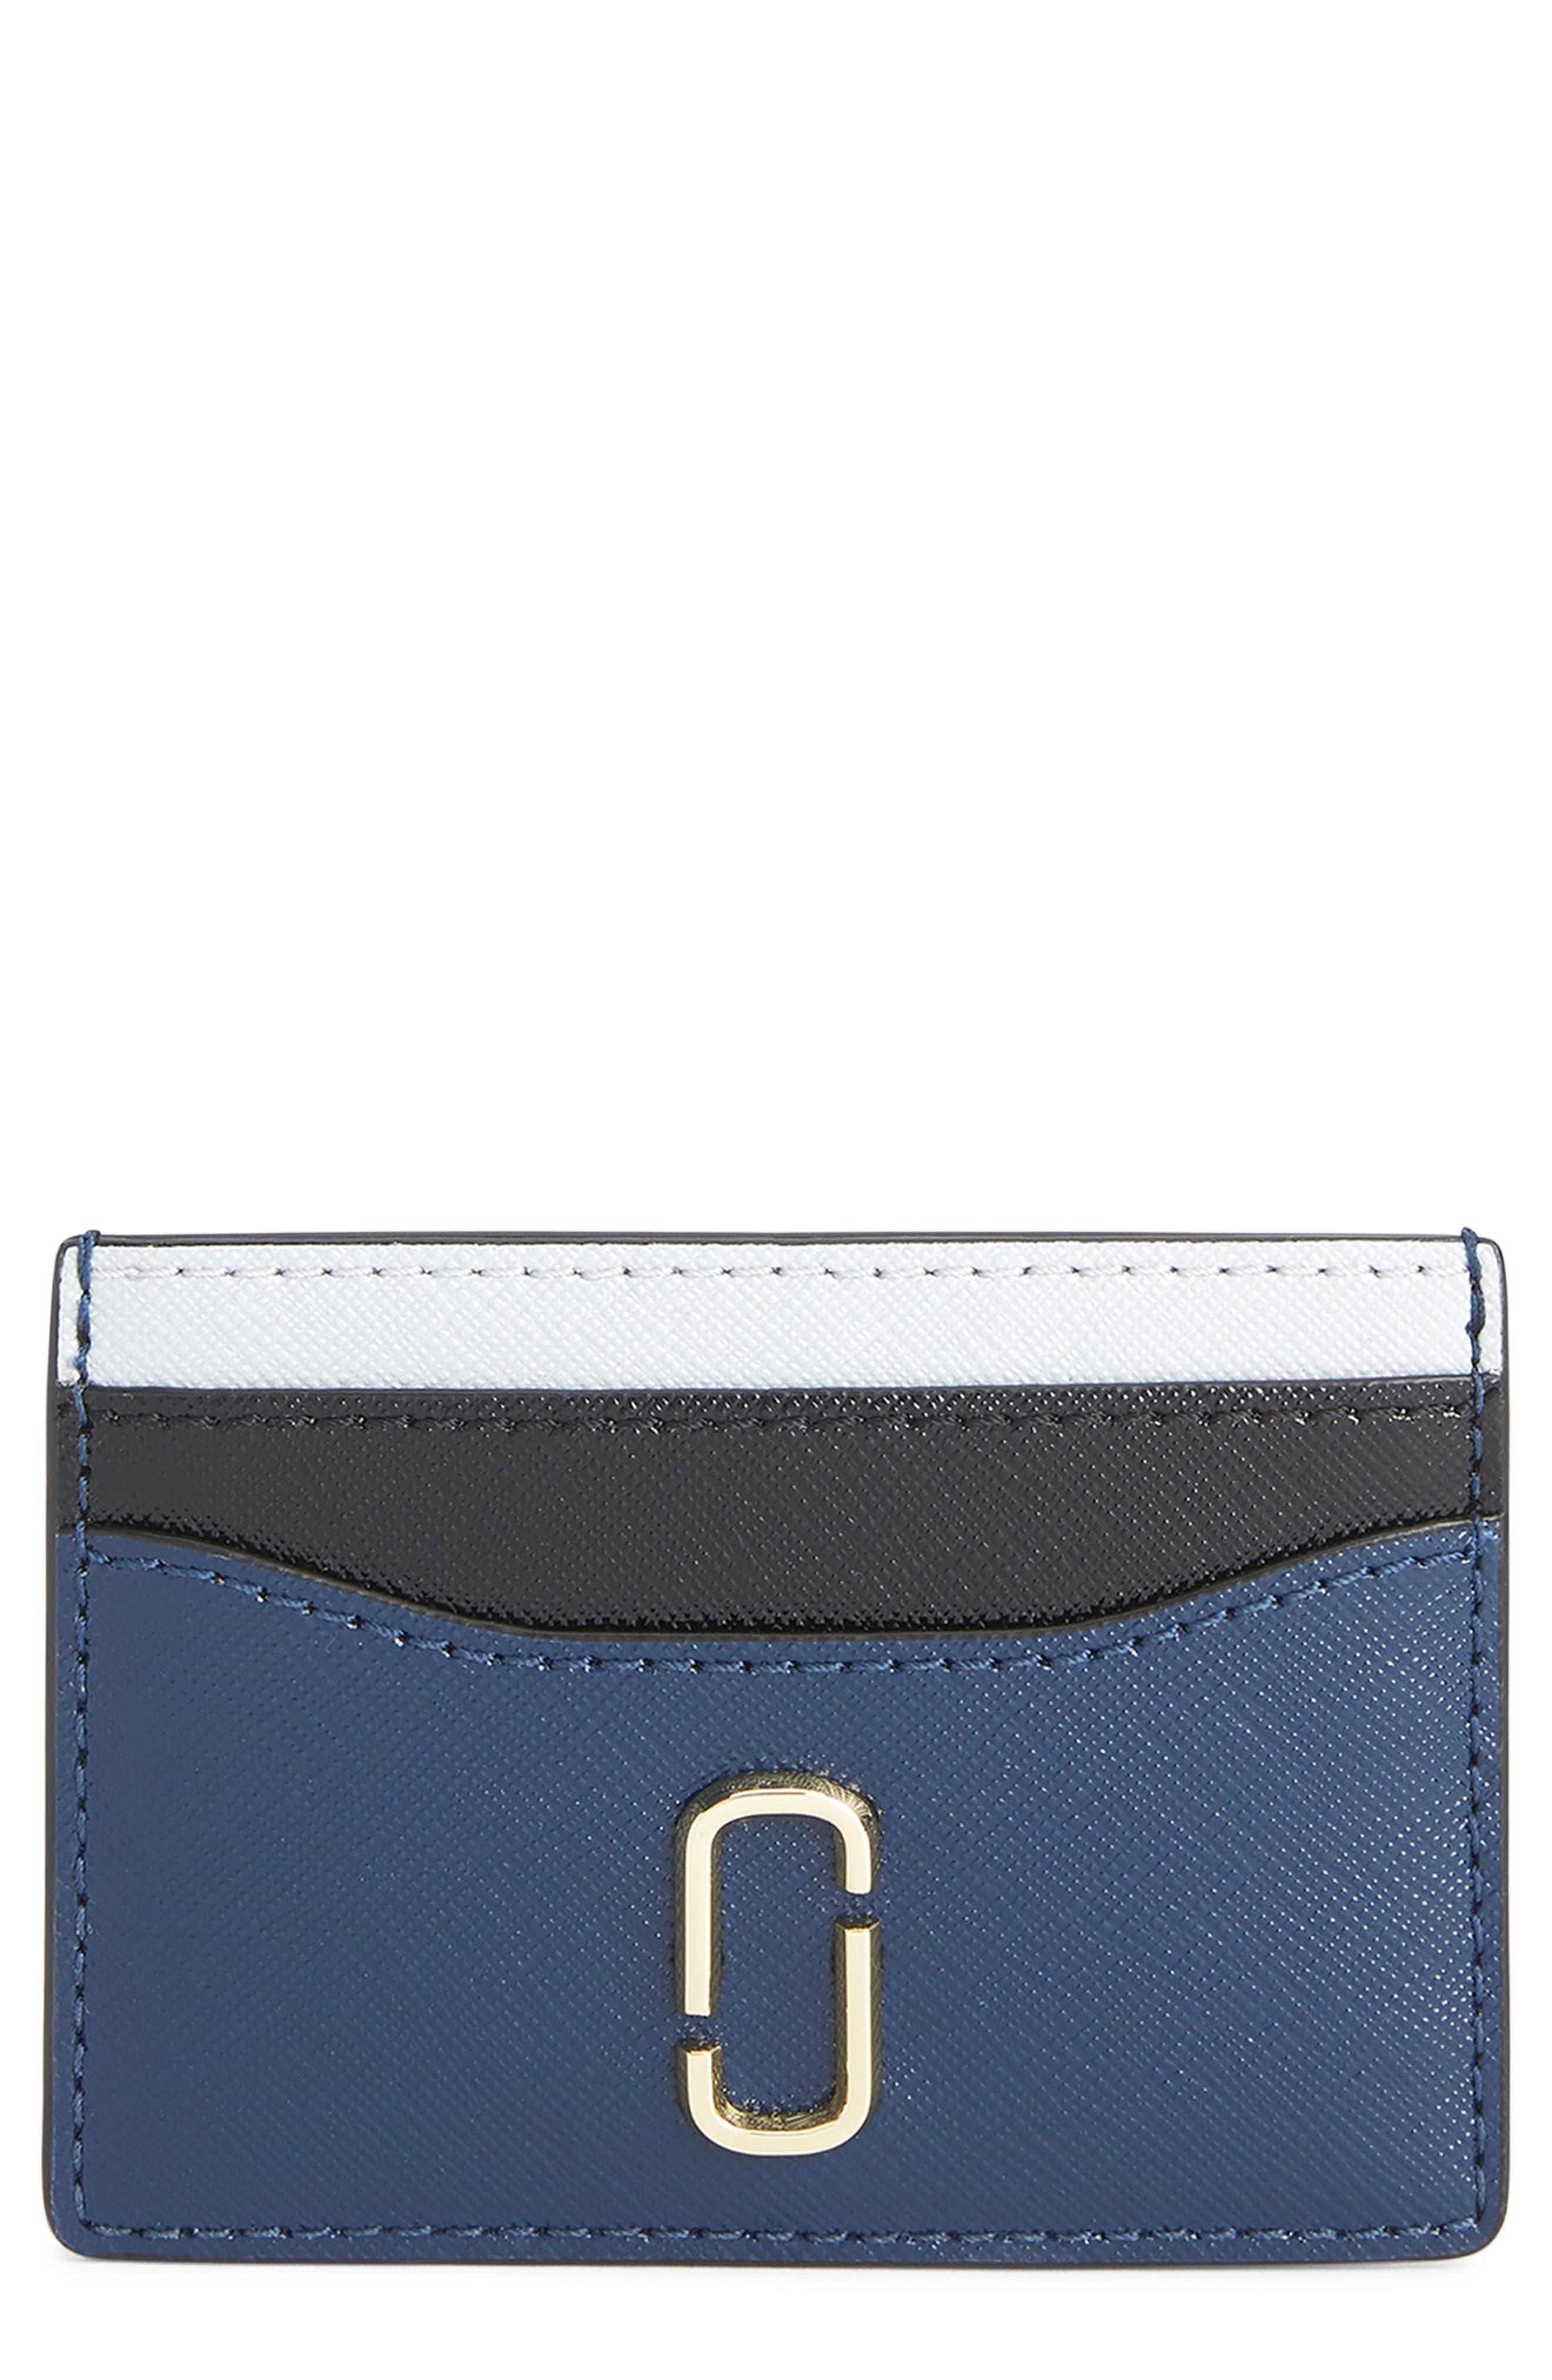 Snapshot Saffiano Leather Card Case,                             Main thumbnail 1, color,                             BLUE SEA MULTI